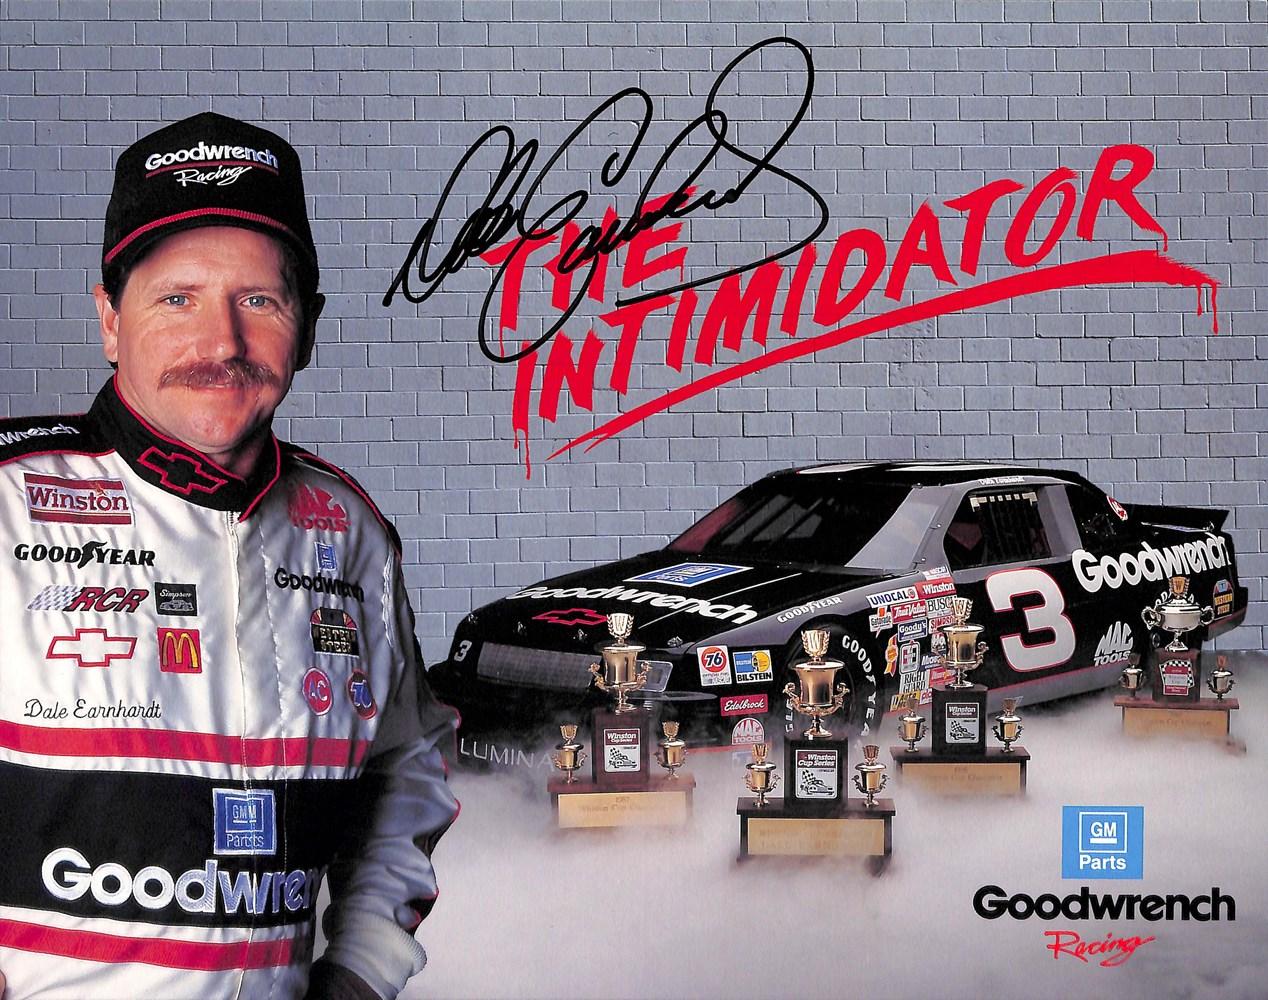 «The Intimidator». Et kallenavn Earnhardt visste å markedsføre.